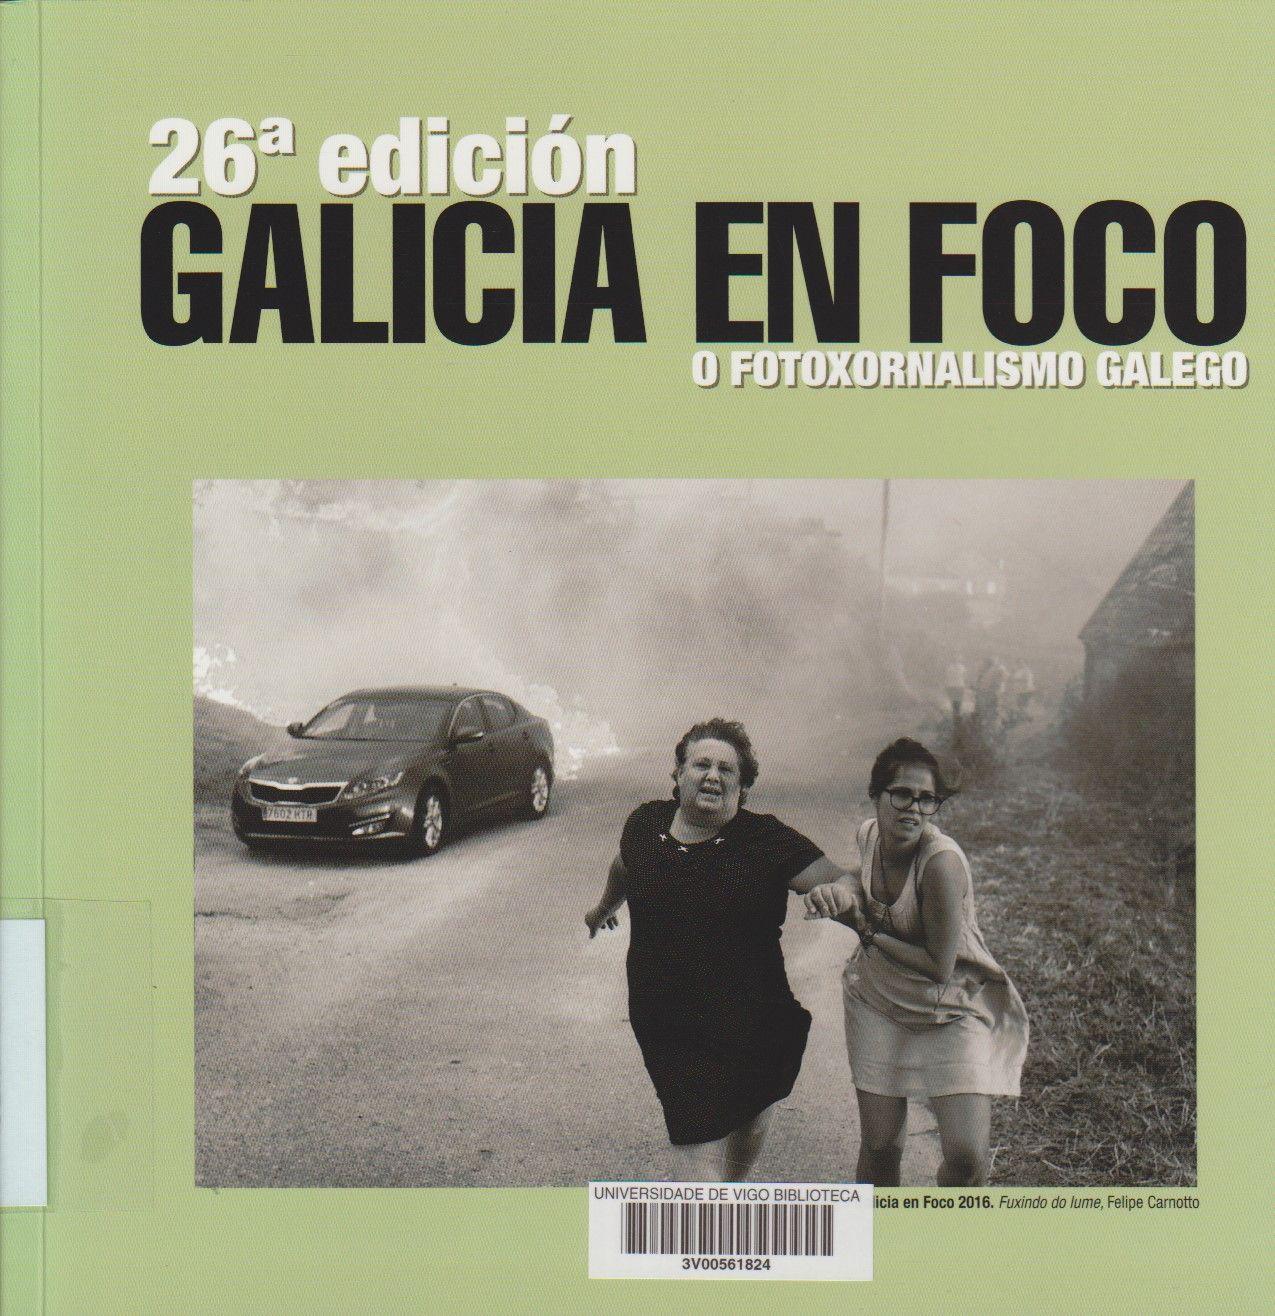 Galicia En Foco 26ª Edicion 2016 Ed Non Venal